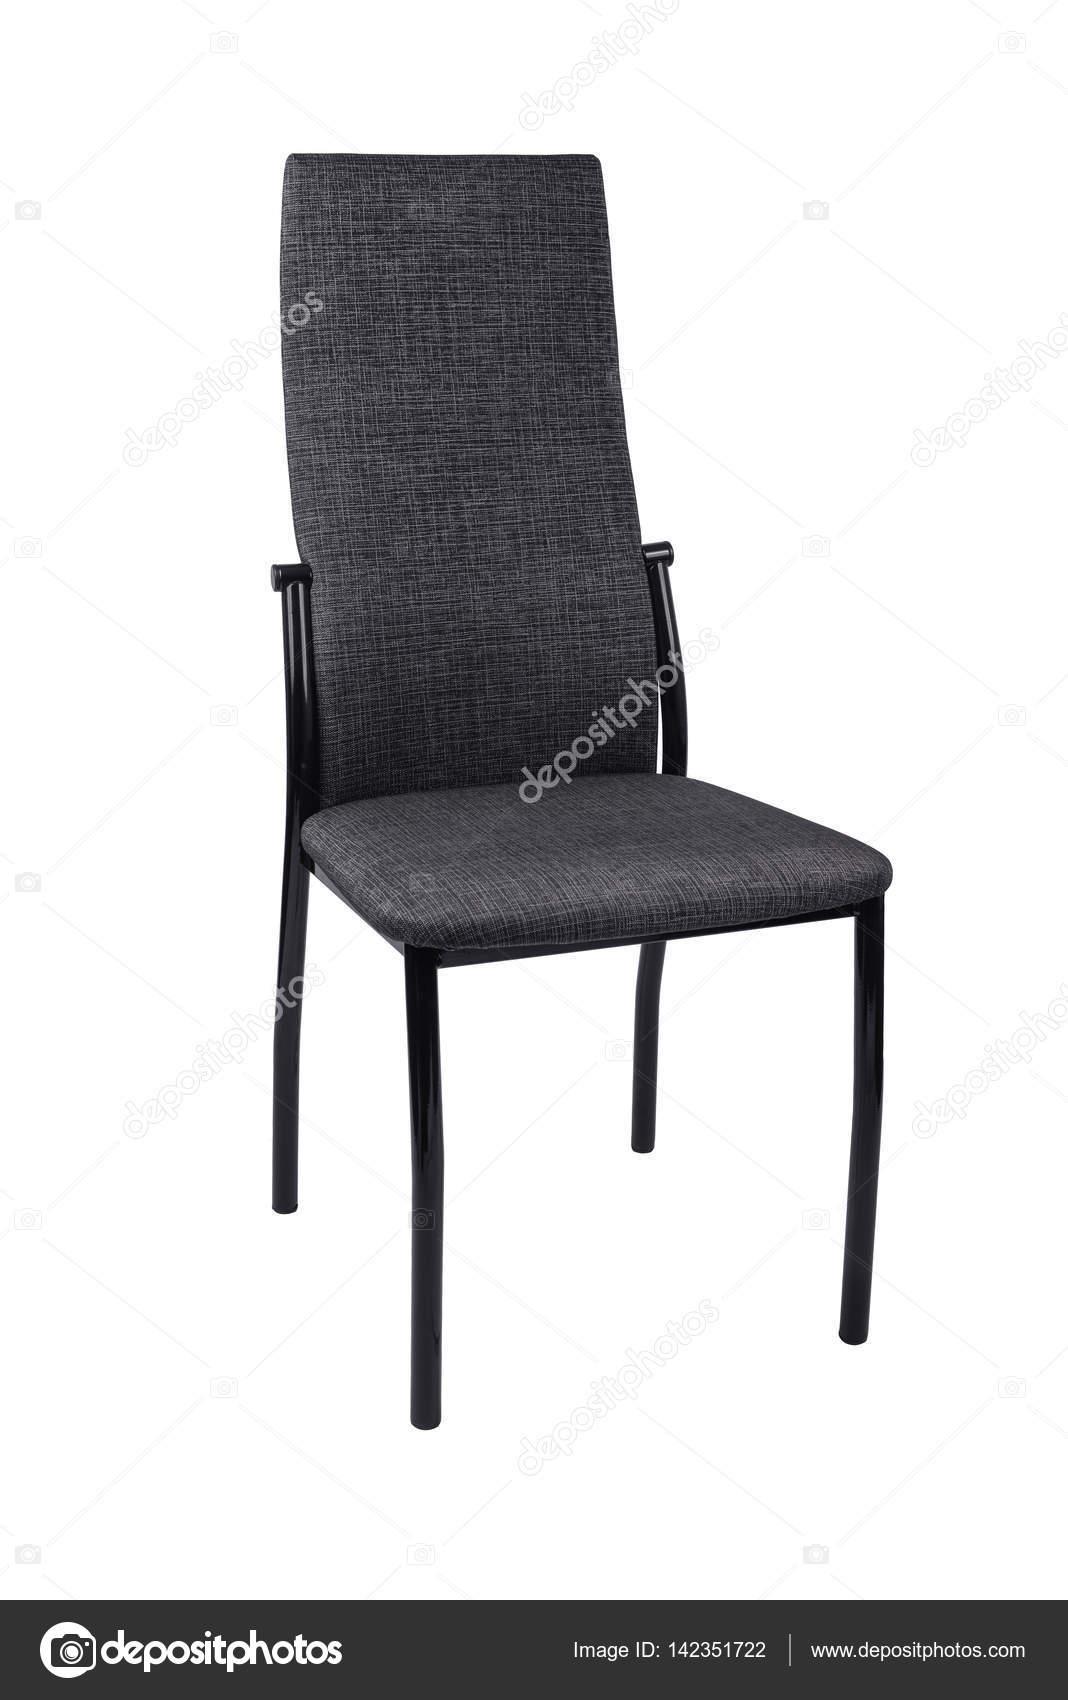 Chaise Gris Moderne Noir Isol Sur Fond Blanc